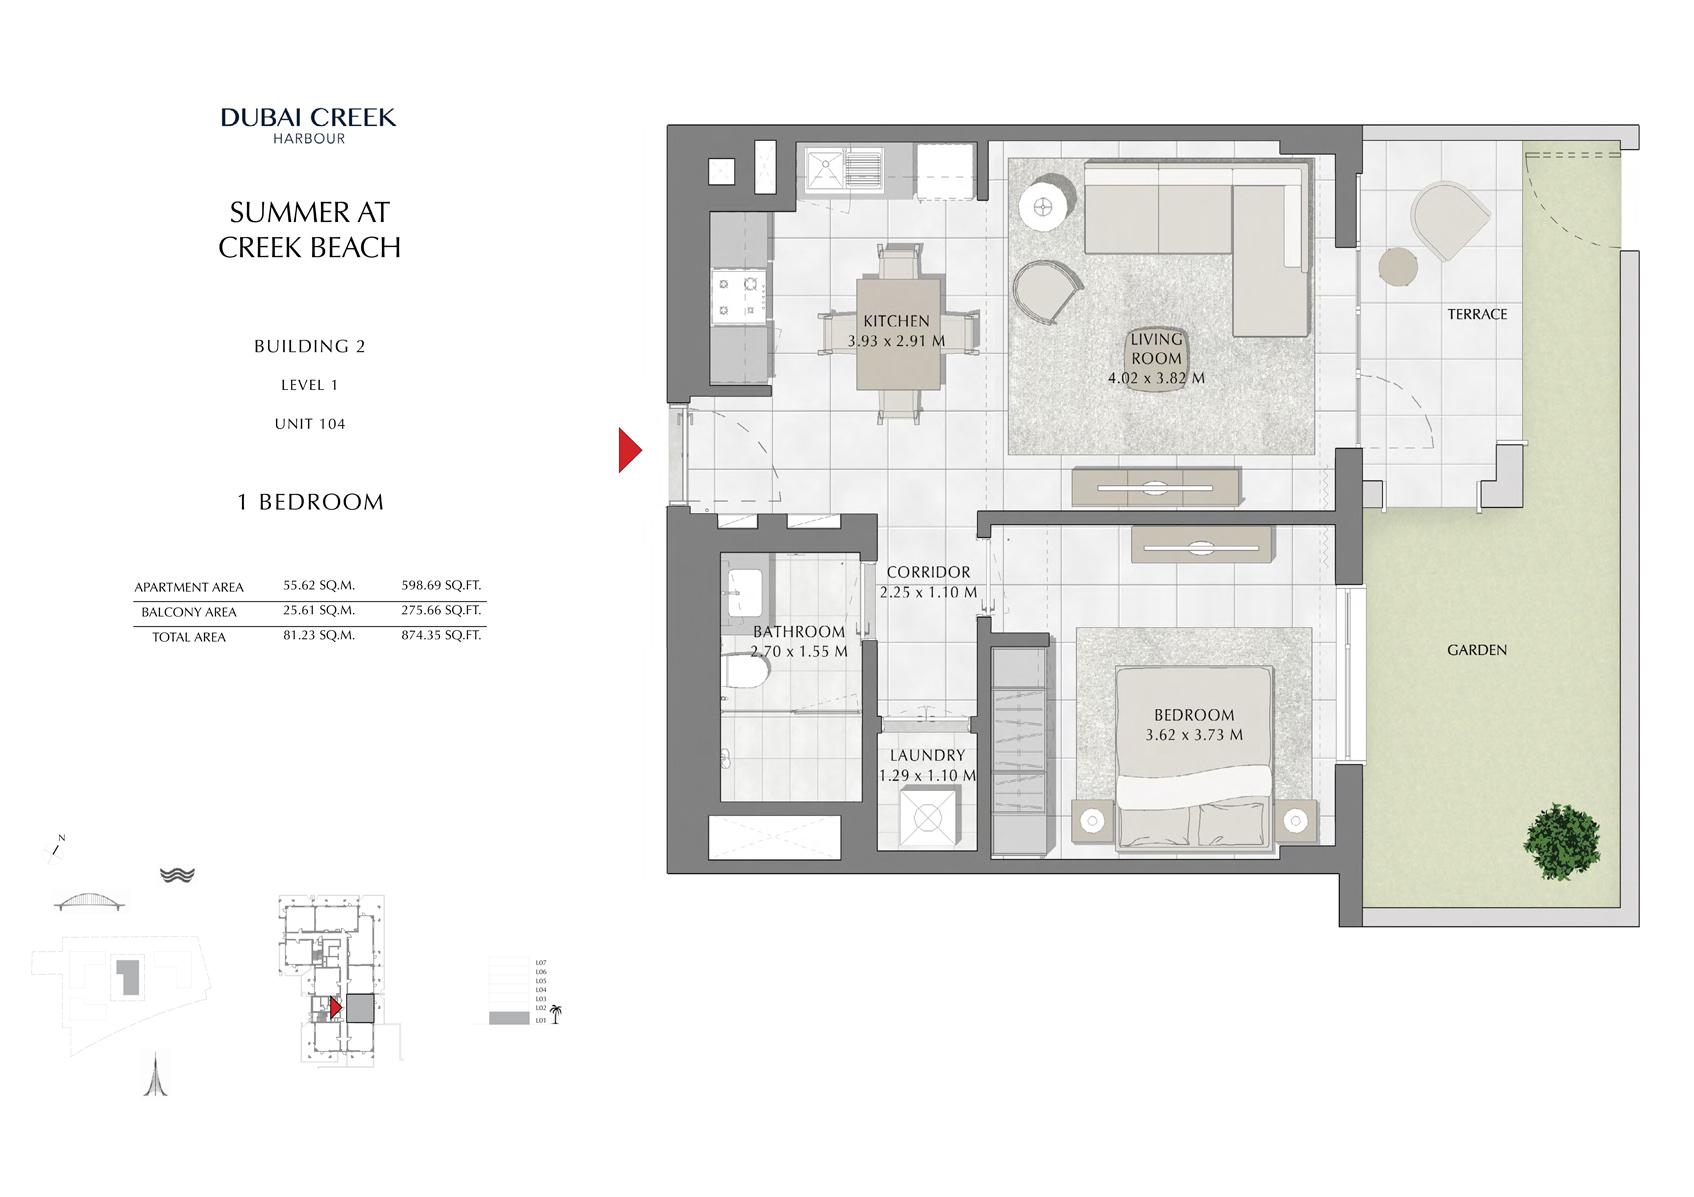 1 Br Building 2 Level 1 Unit 104, Size 874 Sq Ft